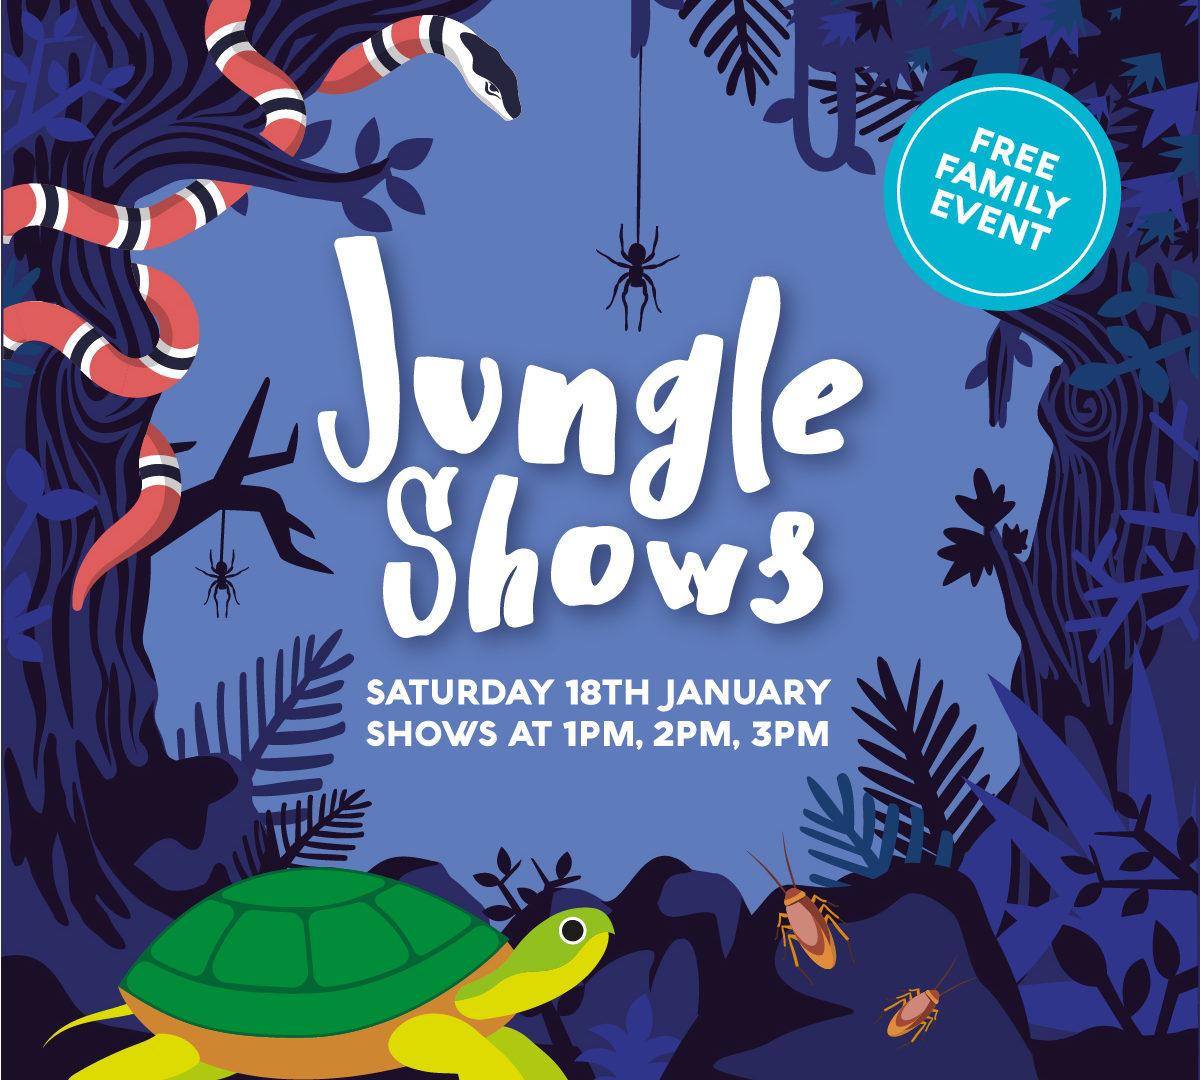 6990 CW Jungle Show FB Post